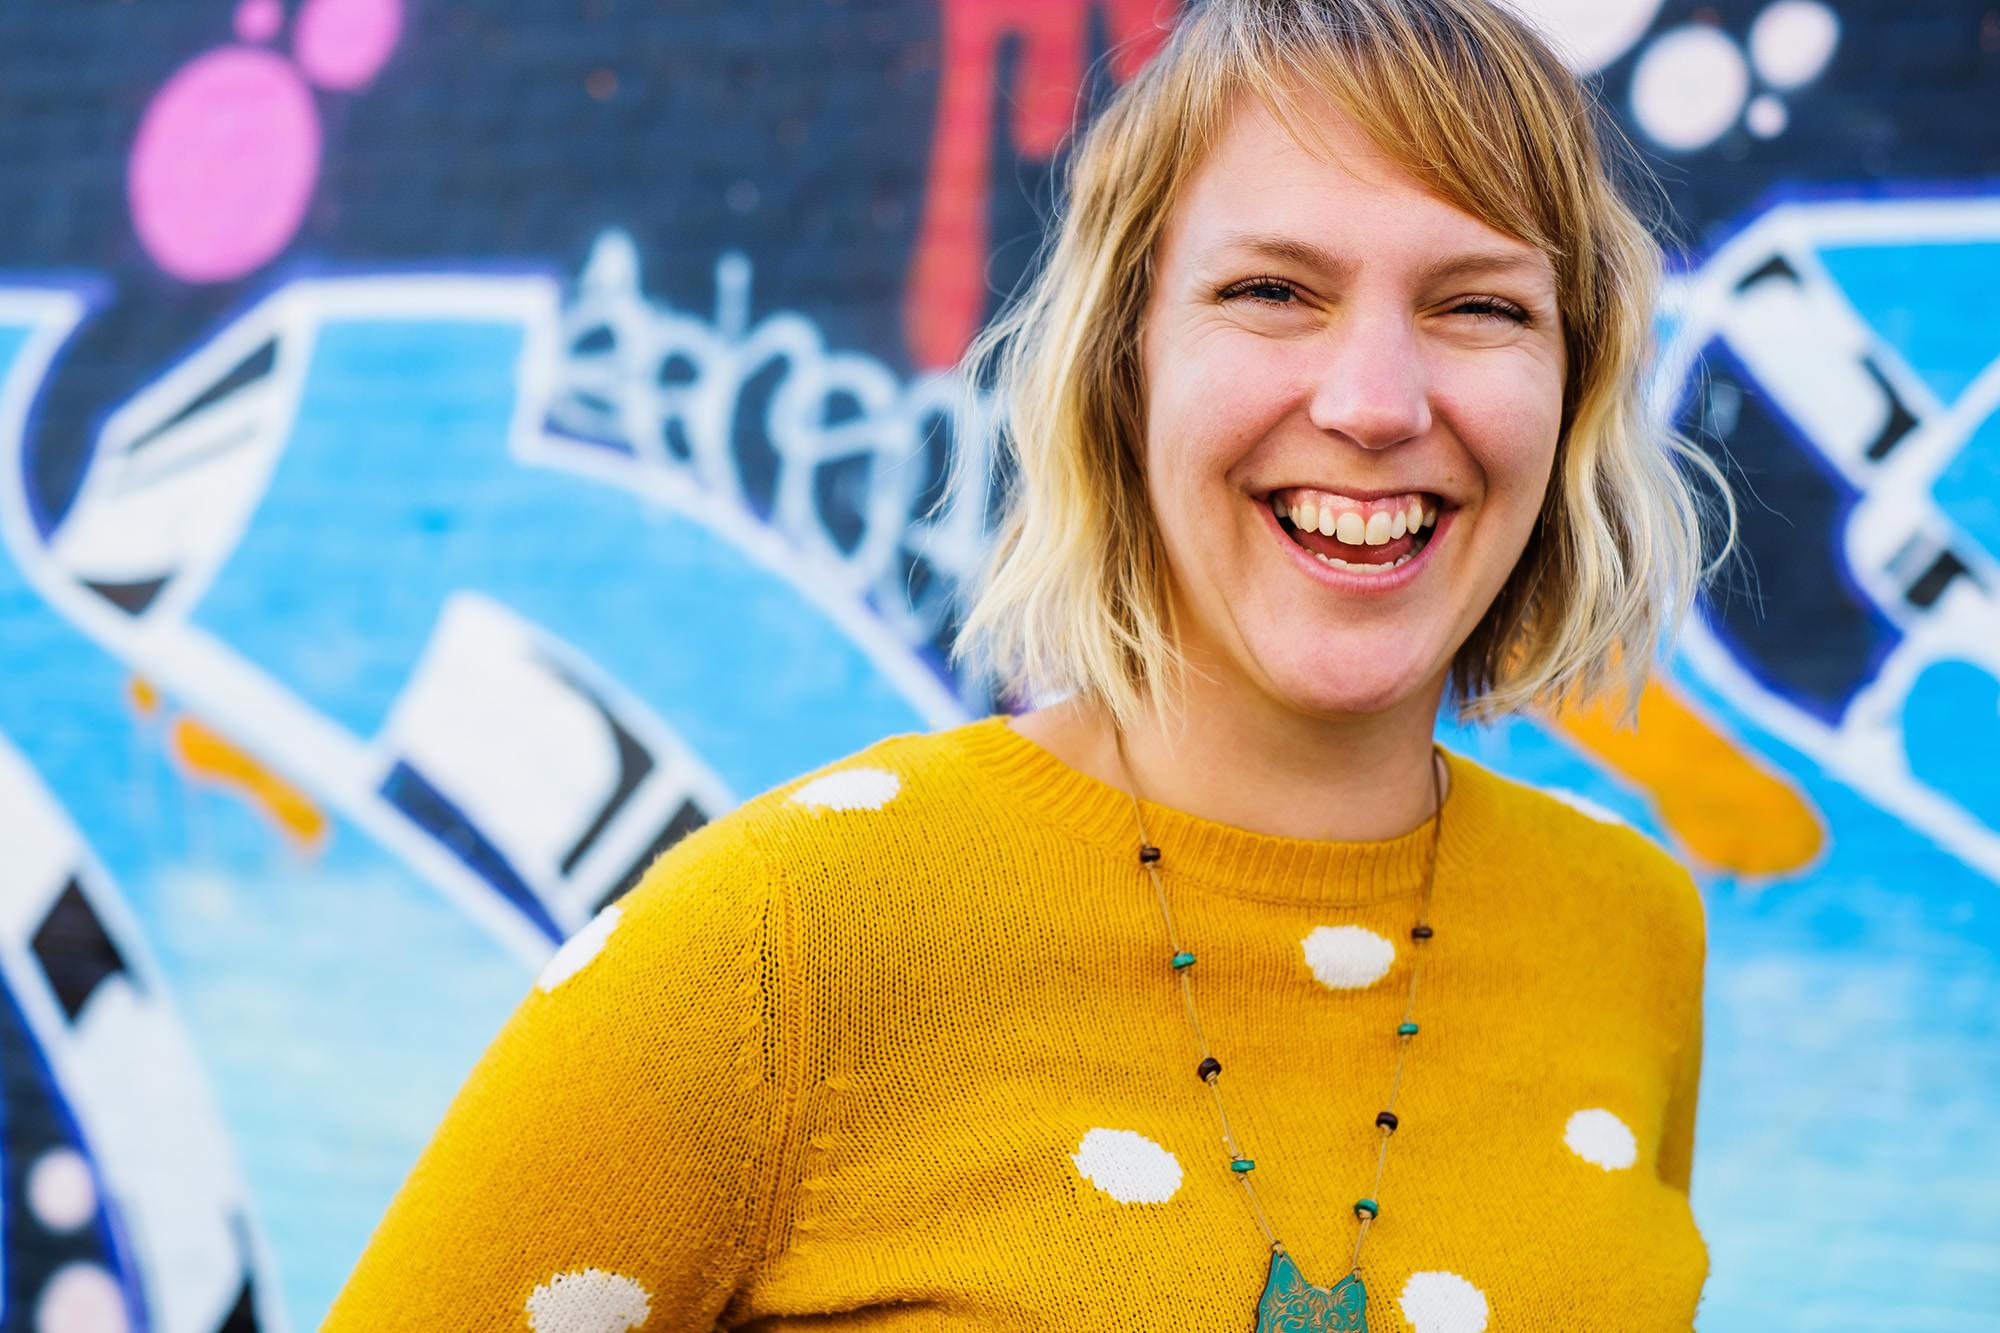 anna brighton portrait happy